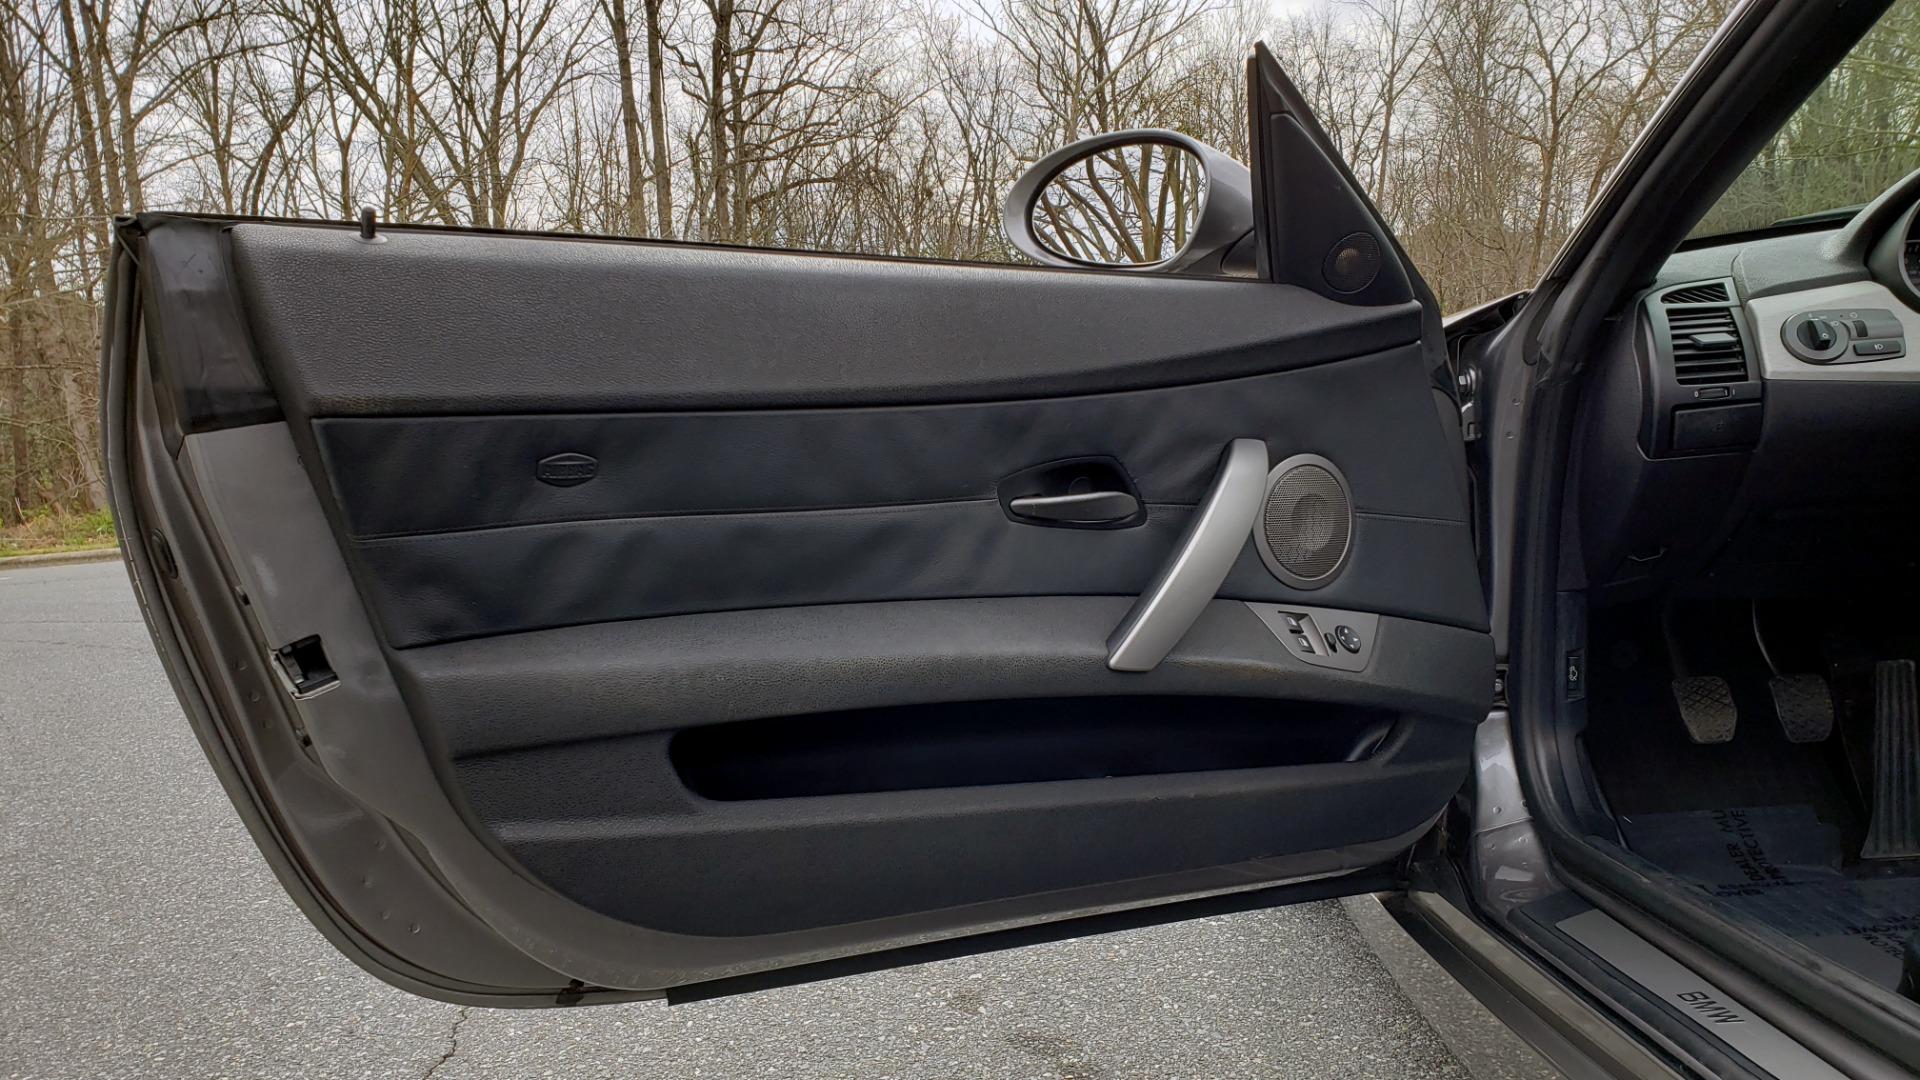 Used 2003 BMW Z4 3.0i ROADSTER / 6-SPD MAN / PREMIUM PKG / SPORT PKG / HTD STS for sale Sold at Formula Imports in Charlotte NC 28227 37